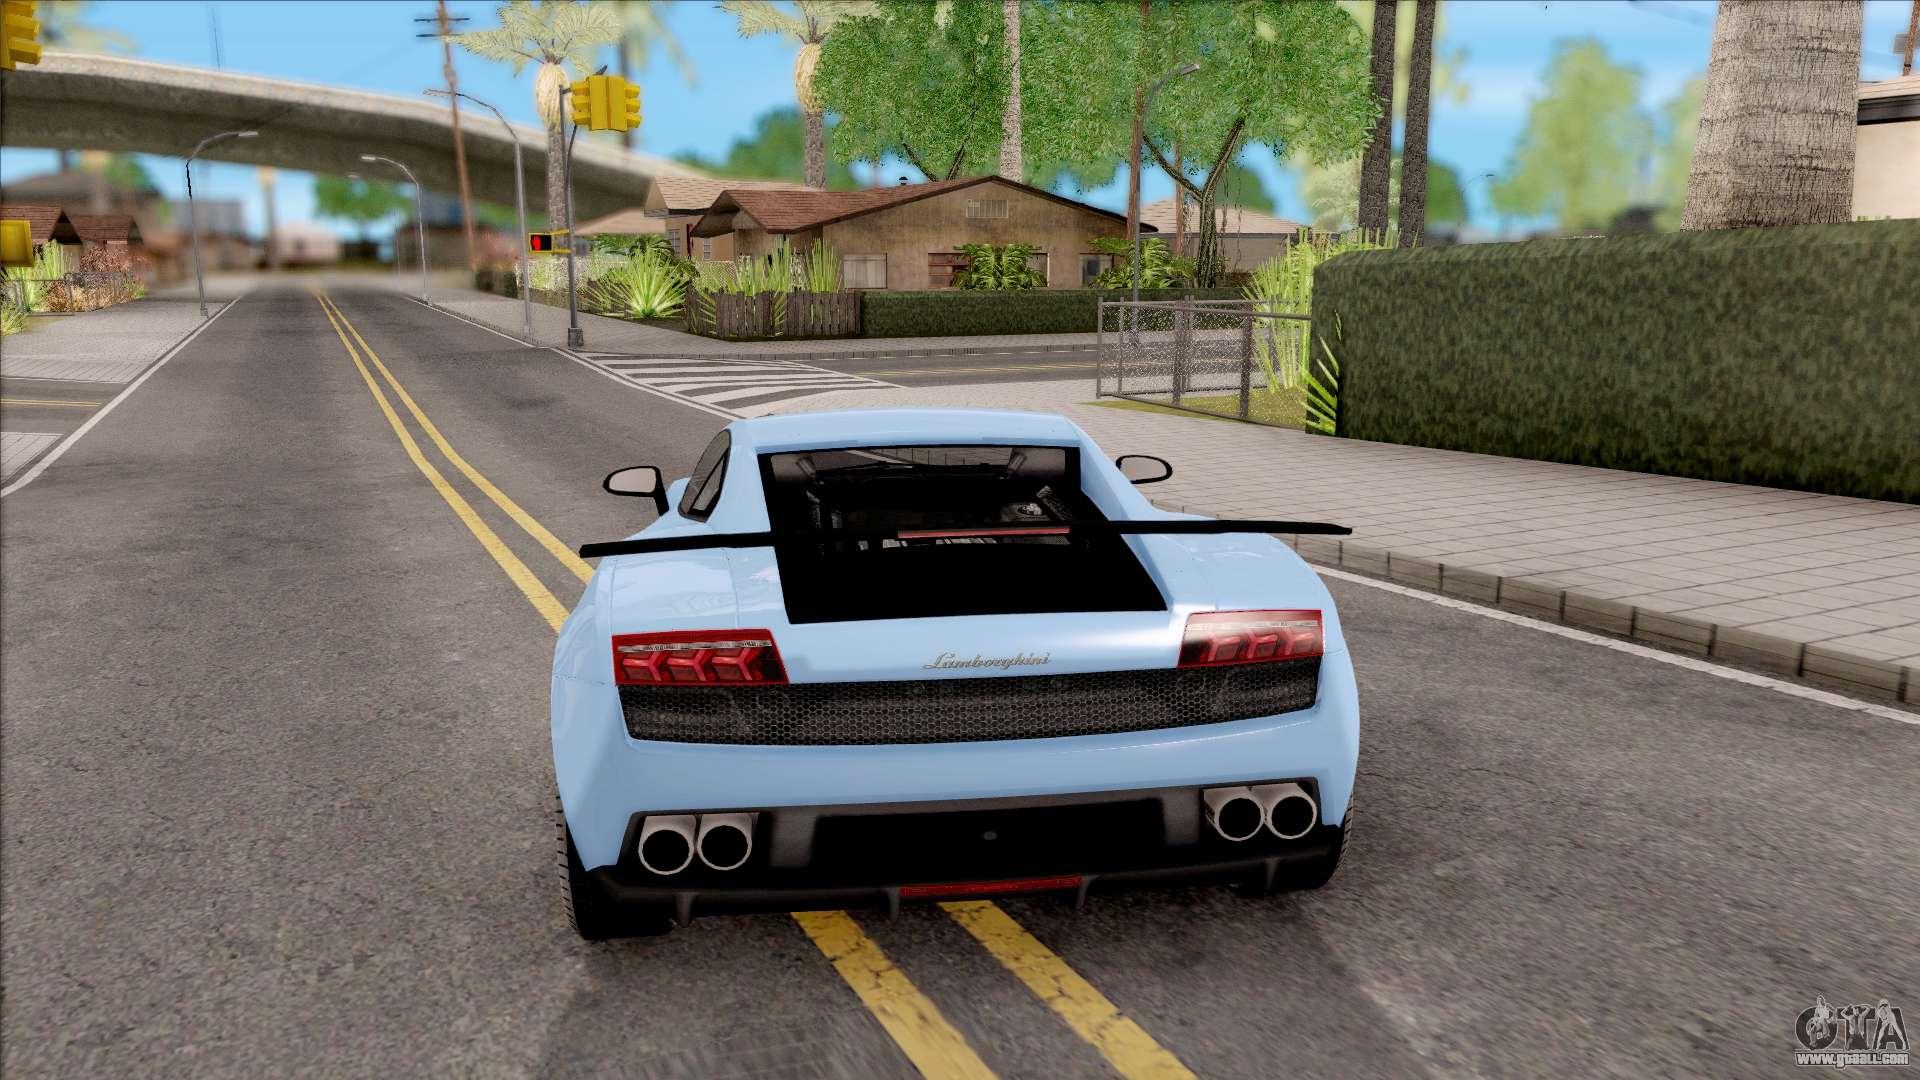 Lamborghini Gallardo Superleggera Lp 570 4 For Gta San Andreas